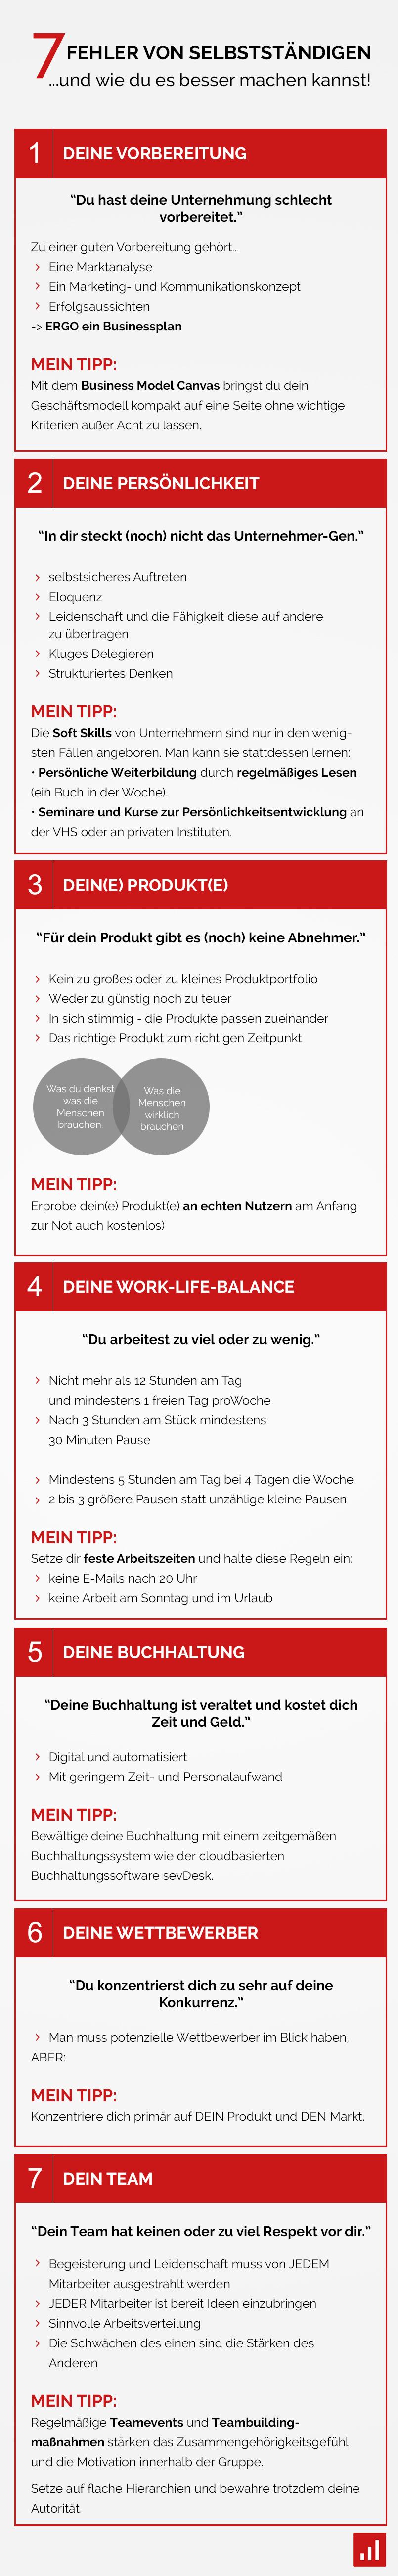 7 Fehler von Selbstständigen Infografik